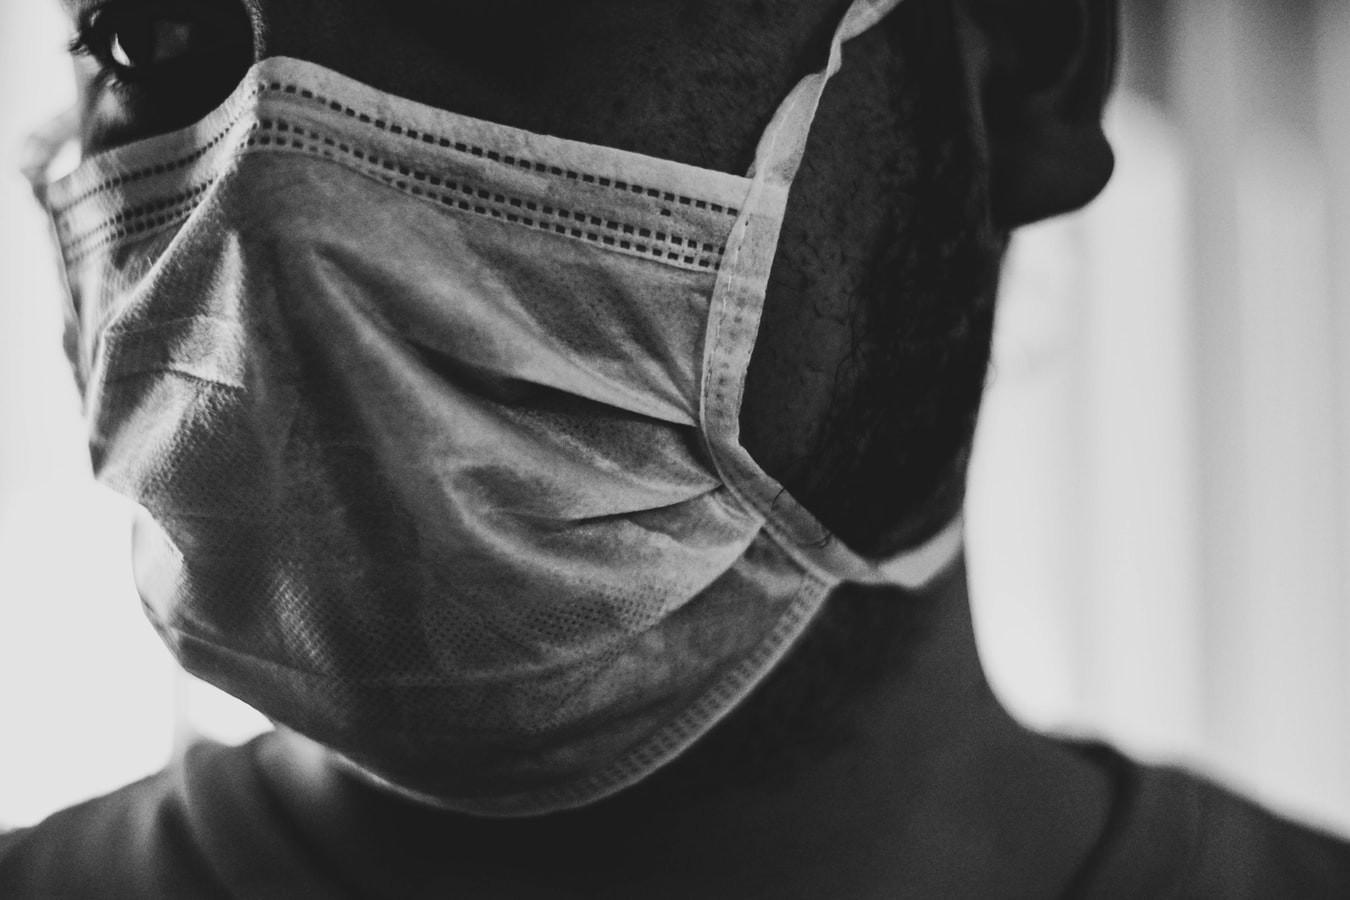 Máscaras, cloroquina, correção: o que idas e vindas na pandemia ensinam sobre a ciência